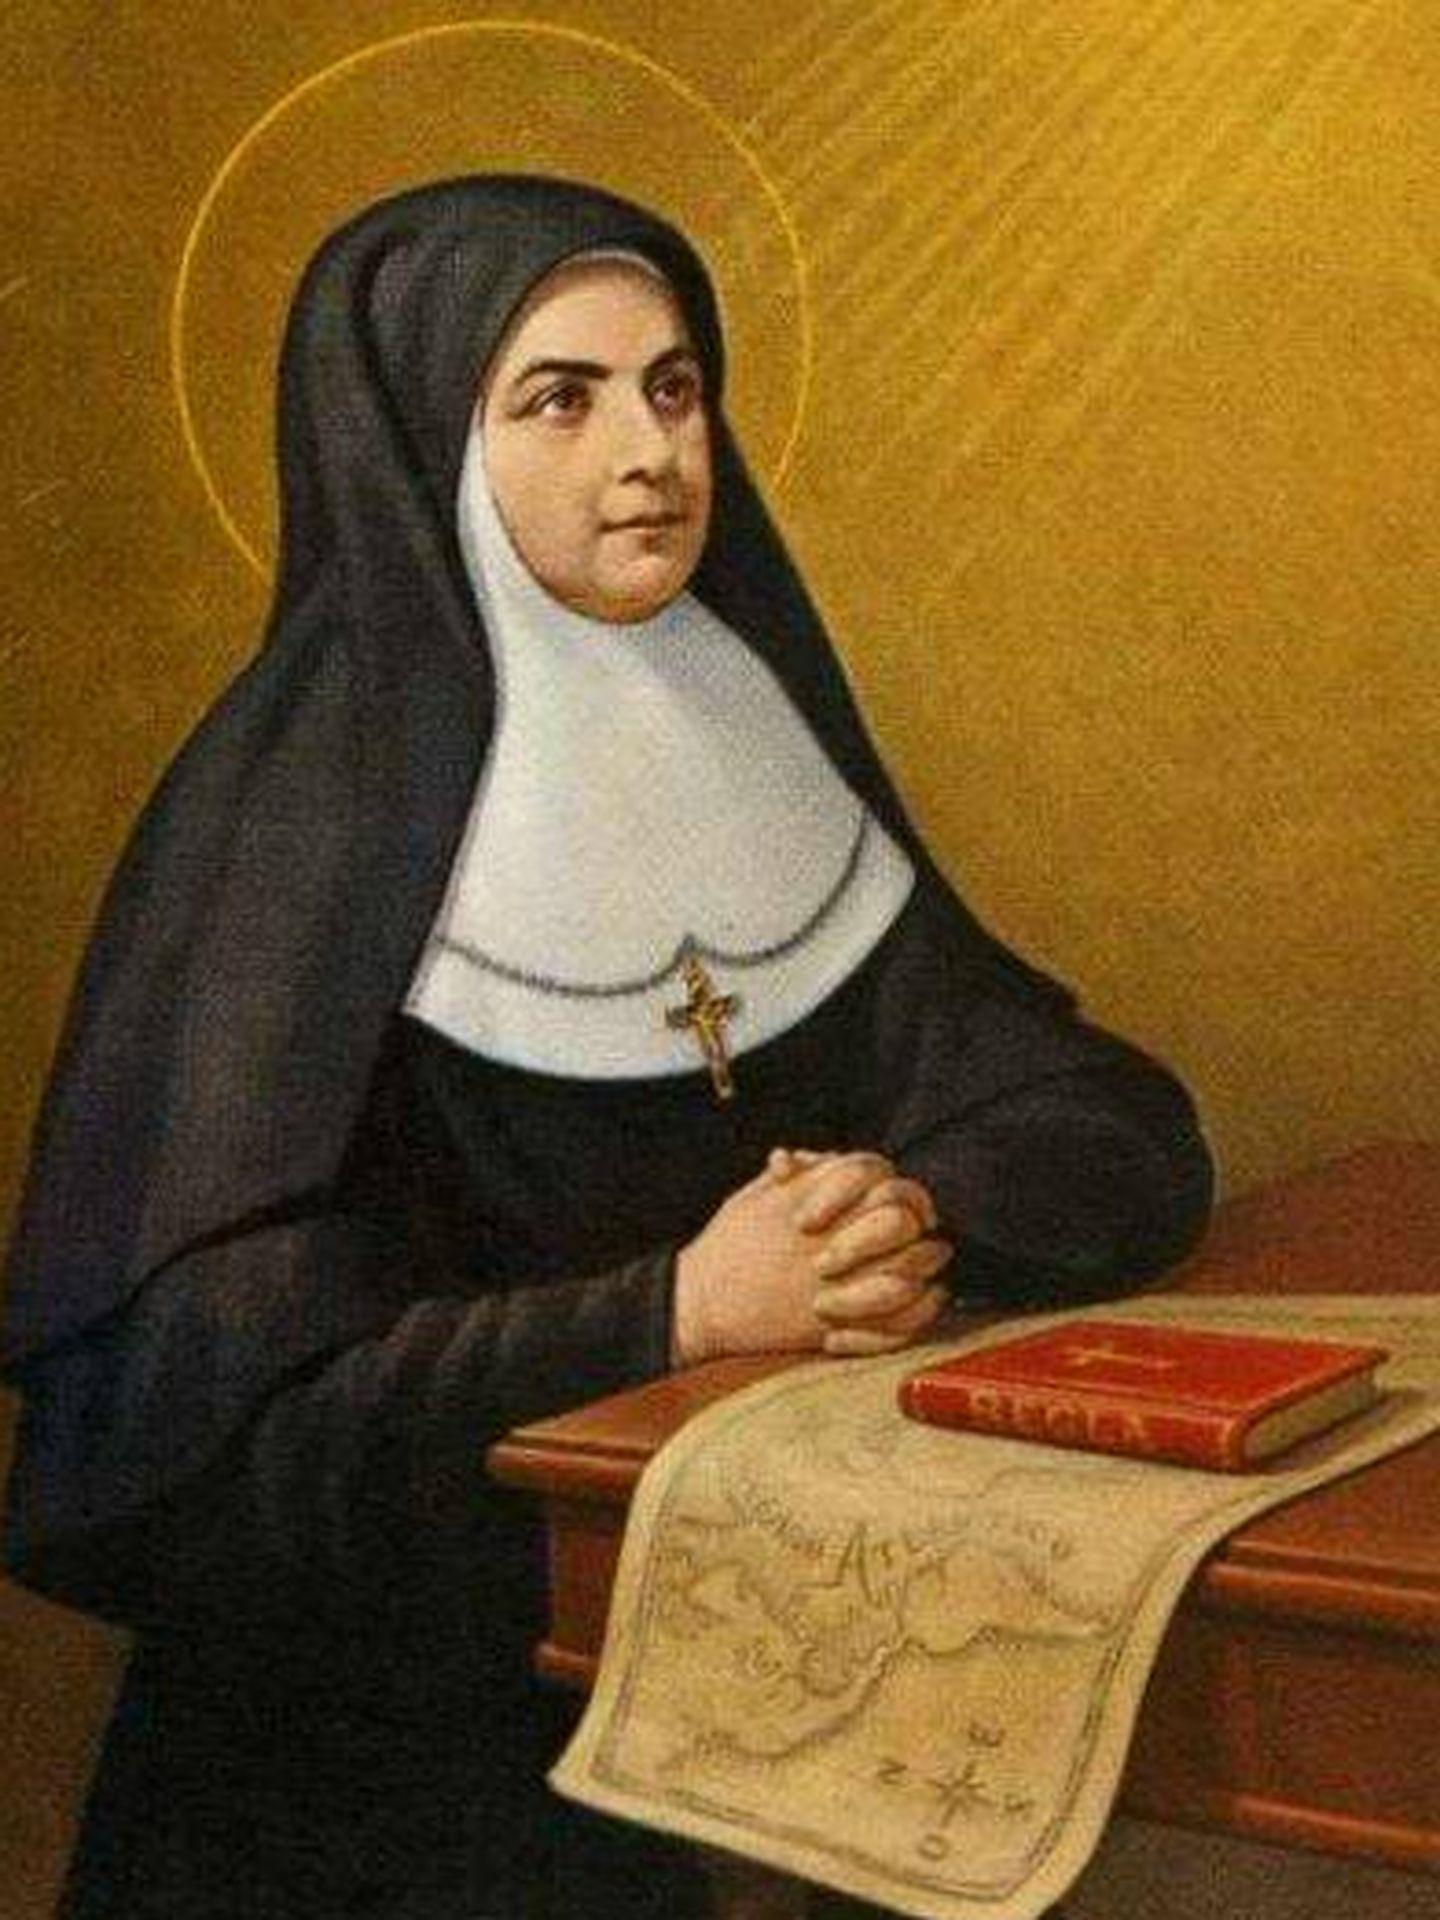 Pintura de Santa María Soledad Torres Acosta. (C.C.)